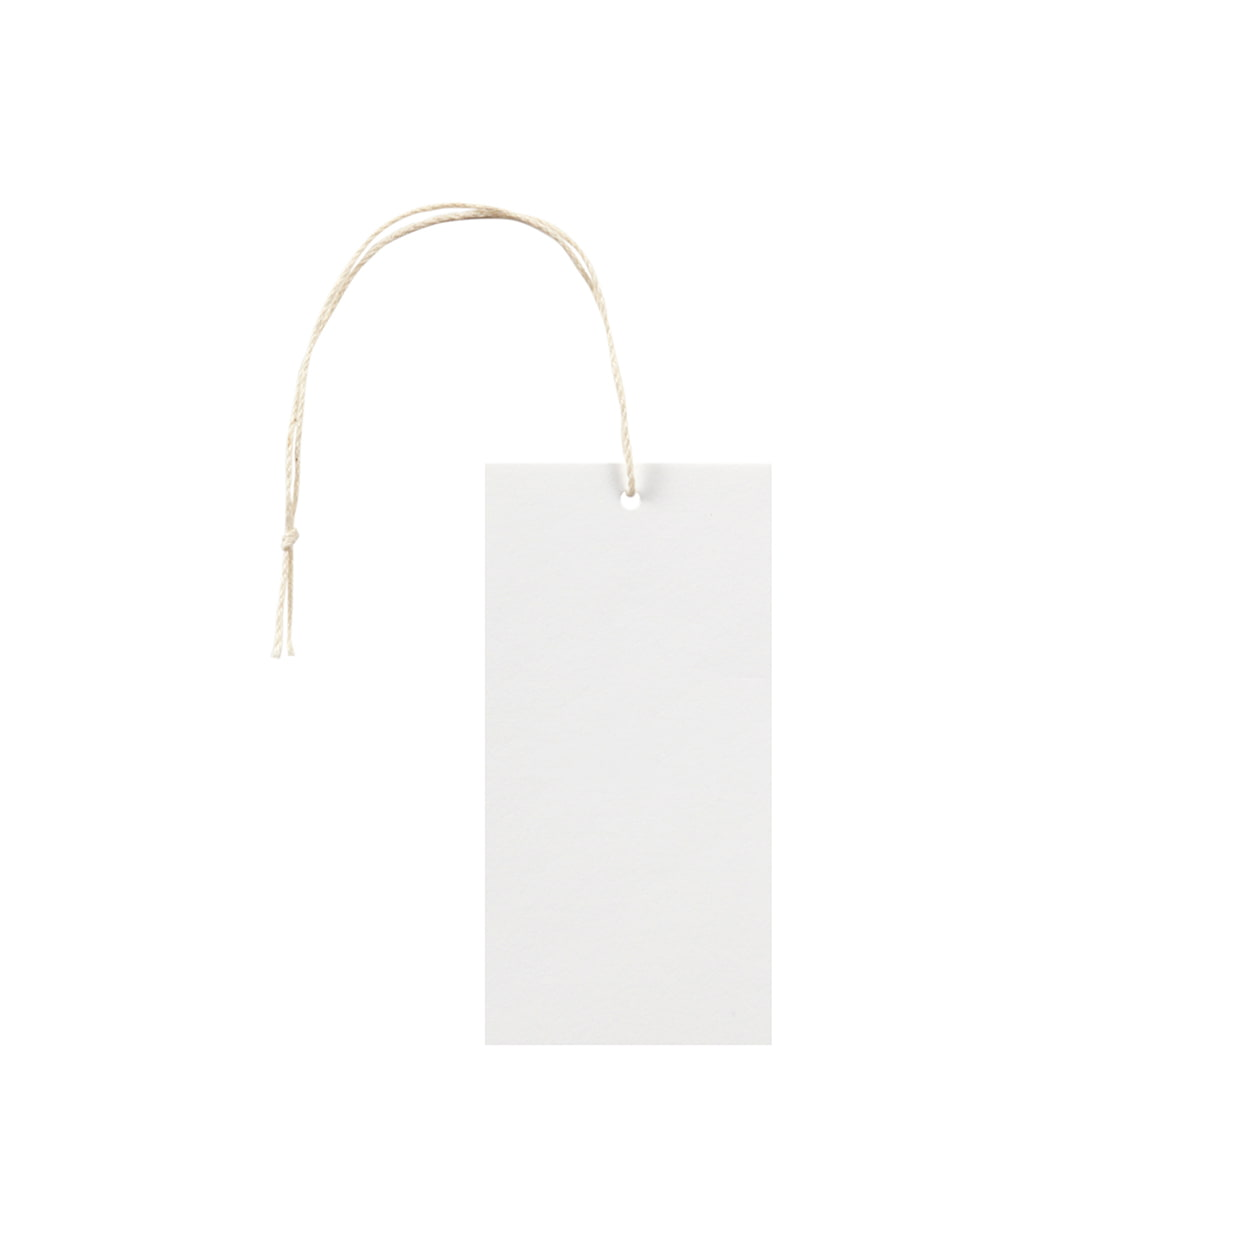 タグ45×90四角形 コットンスノーホワイト 232.8g タグ紐(細)コットン生成